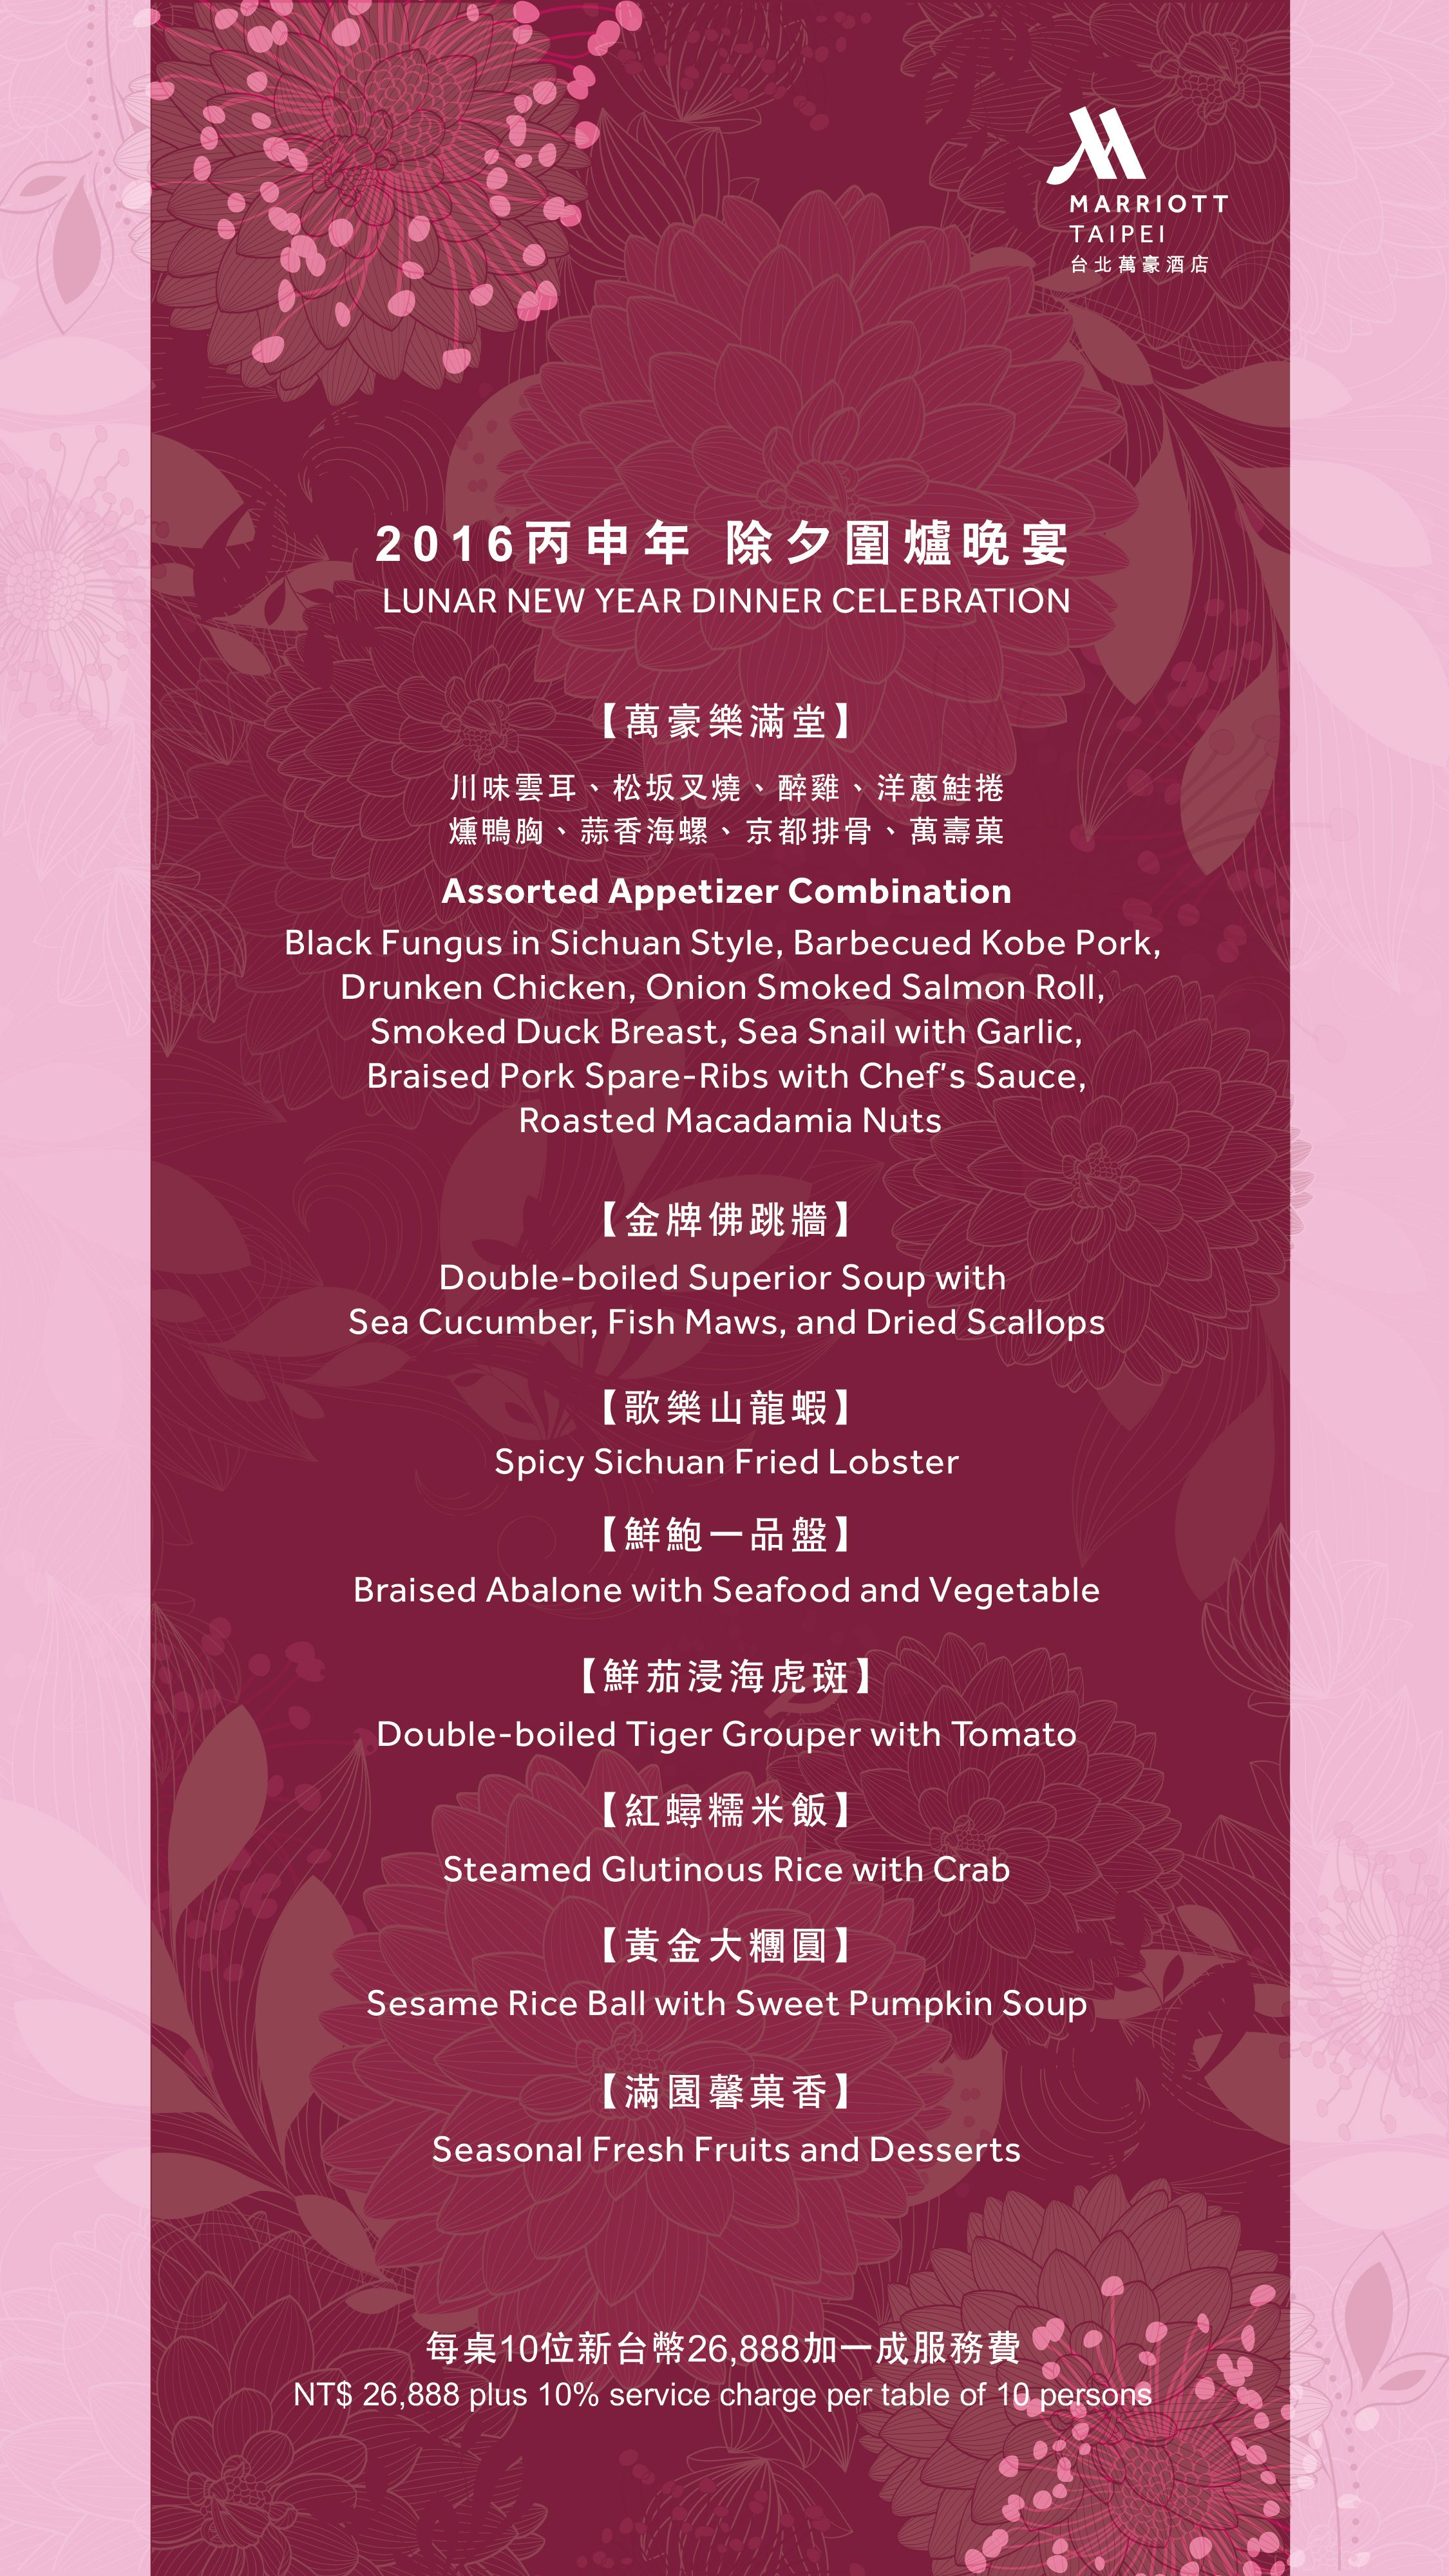 Taipei Marriott Hotel Lunar New Year Dinner New Years Dinner Drunken Chicken Salmon Roll